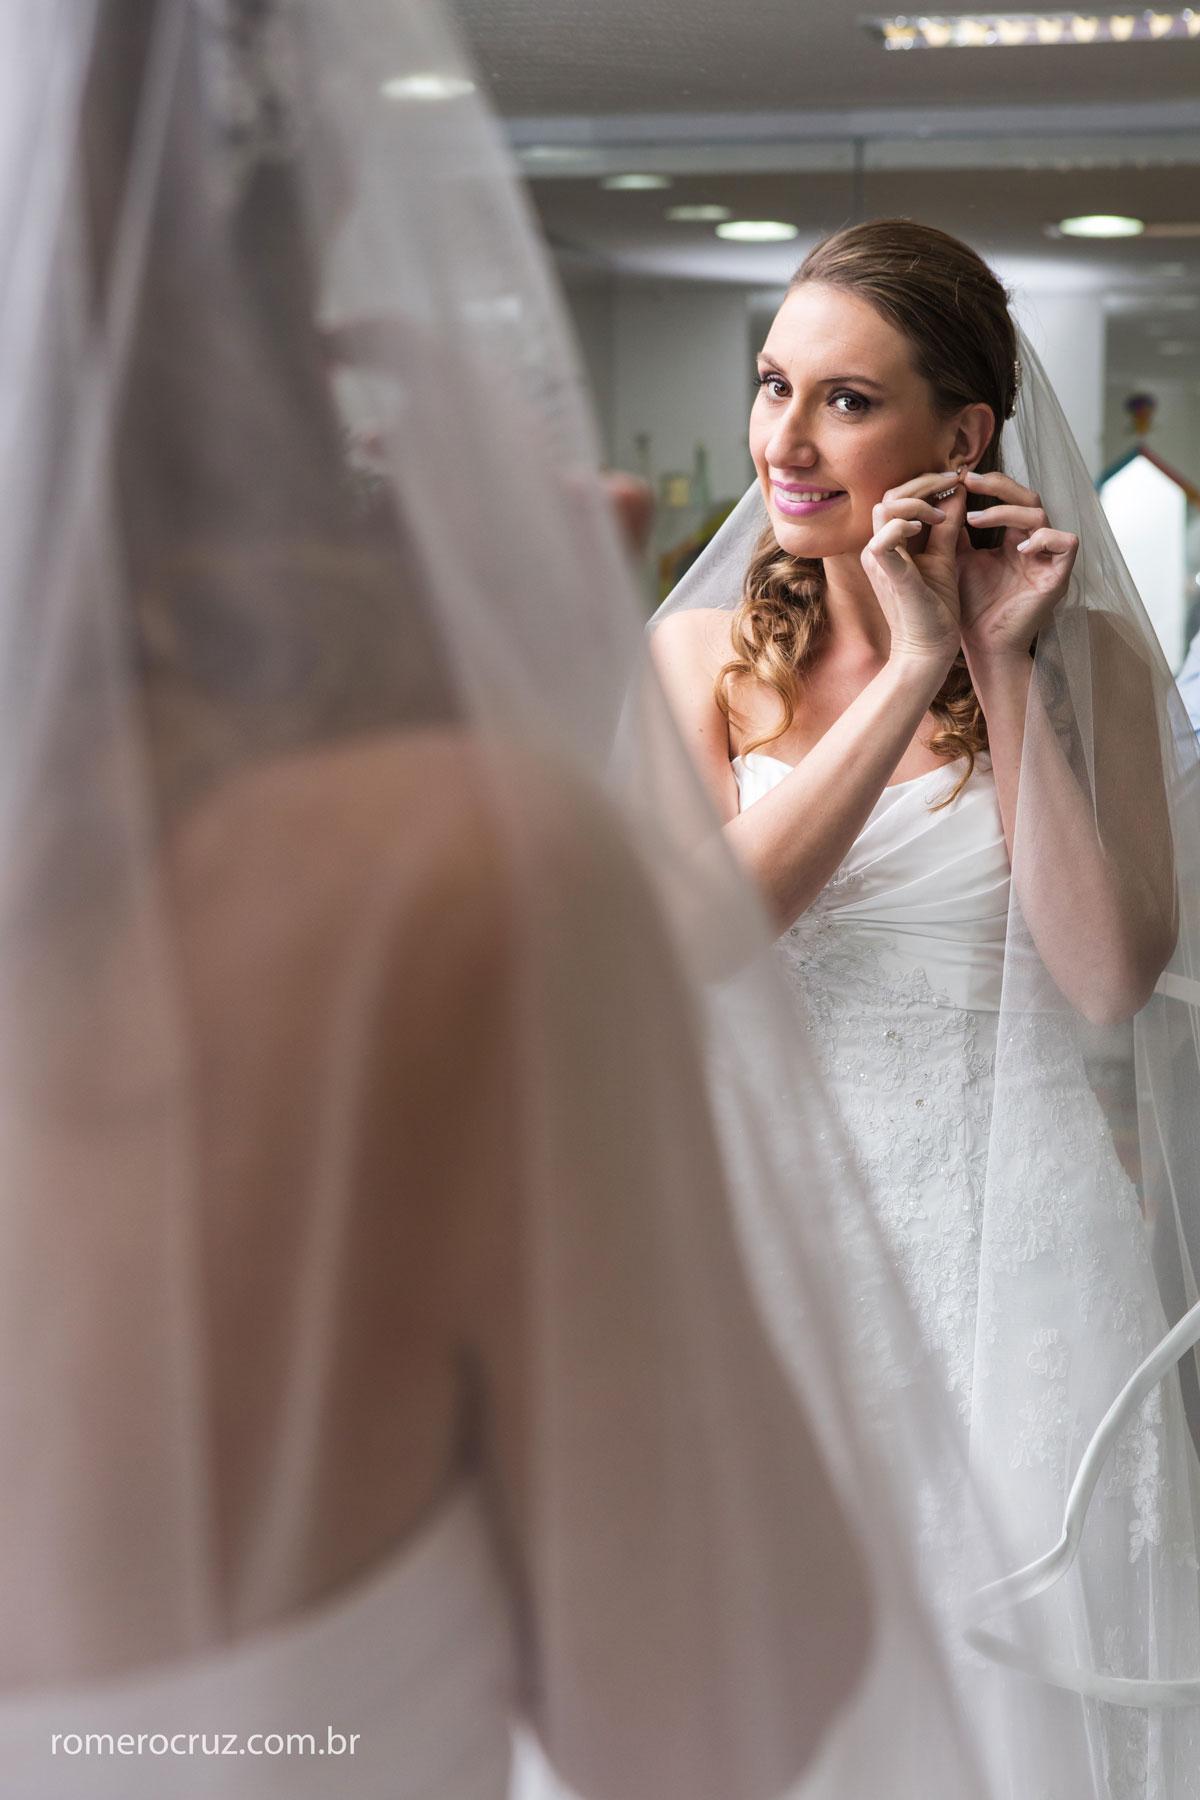 Noiva Mariana se preparando no making of para o grande dia do seu casamento